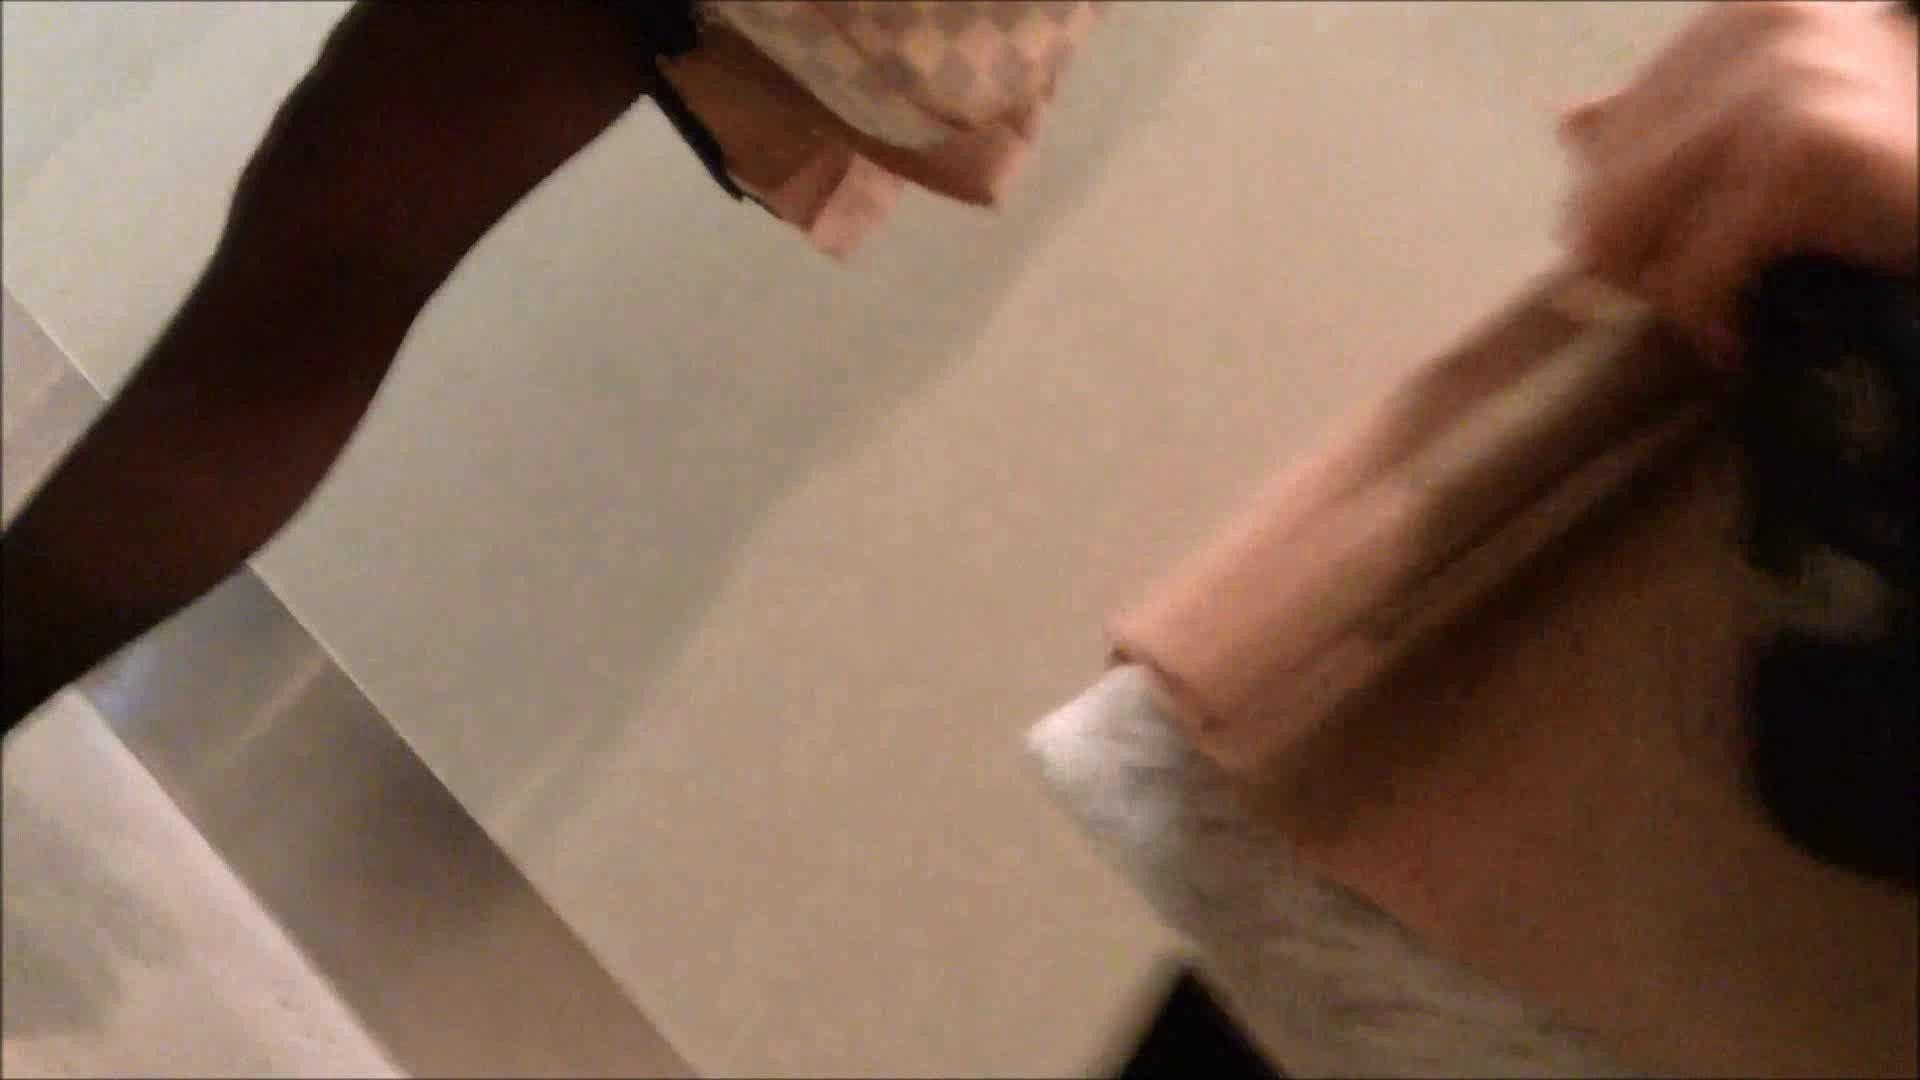 女子洗面所行列潜入記 Vol.01 美女達のヌード | 潜入エロ調査  32連発 18